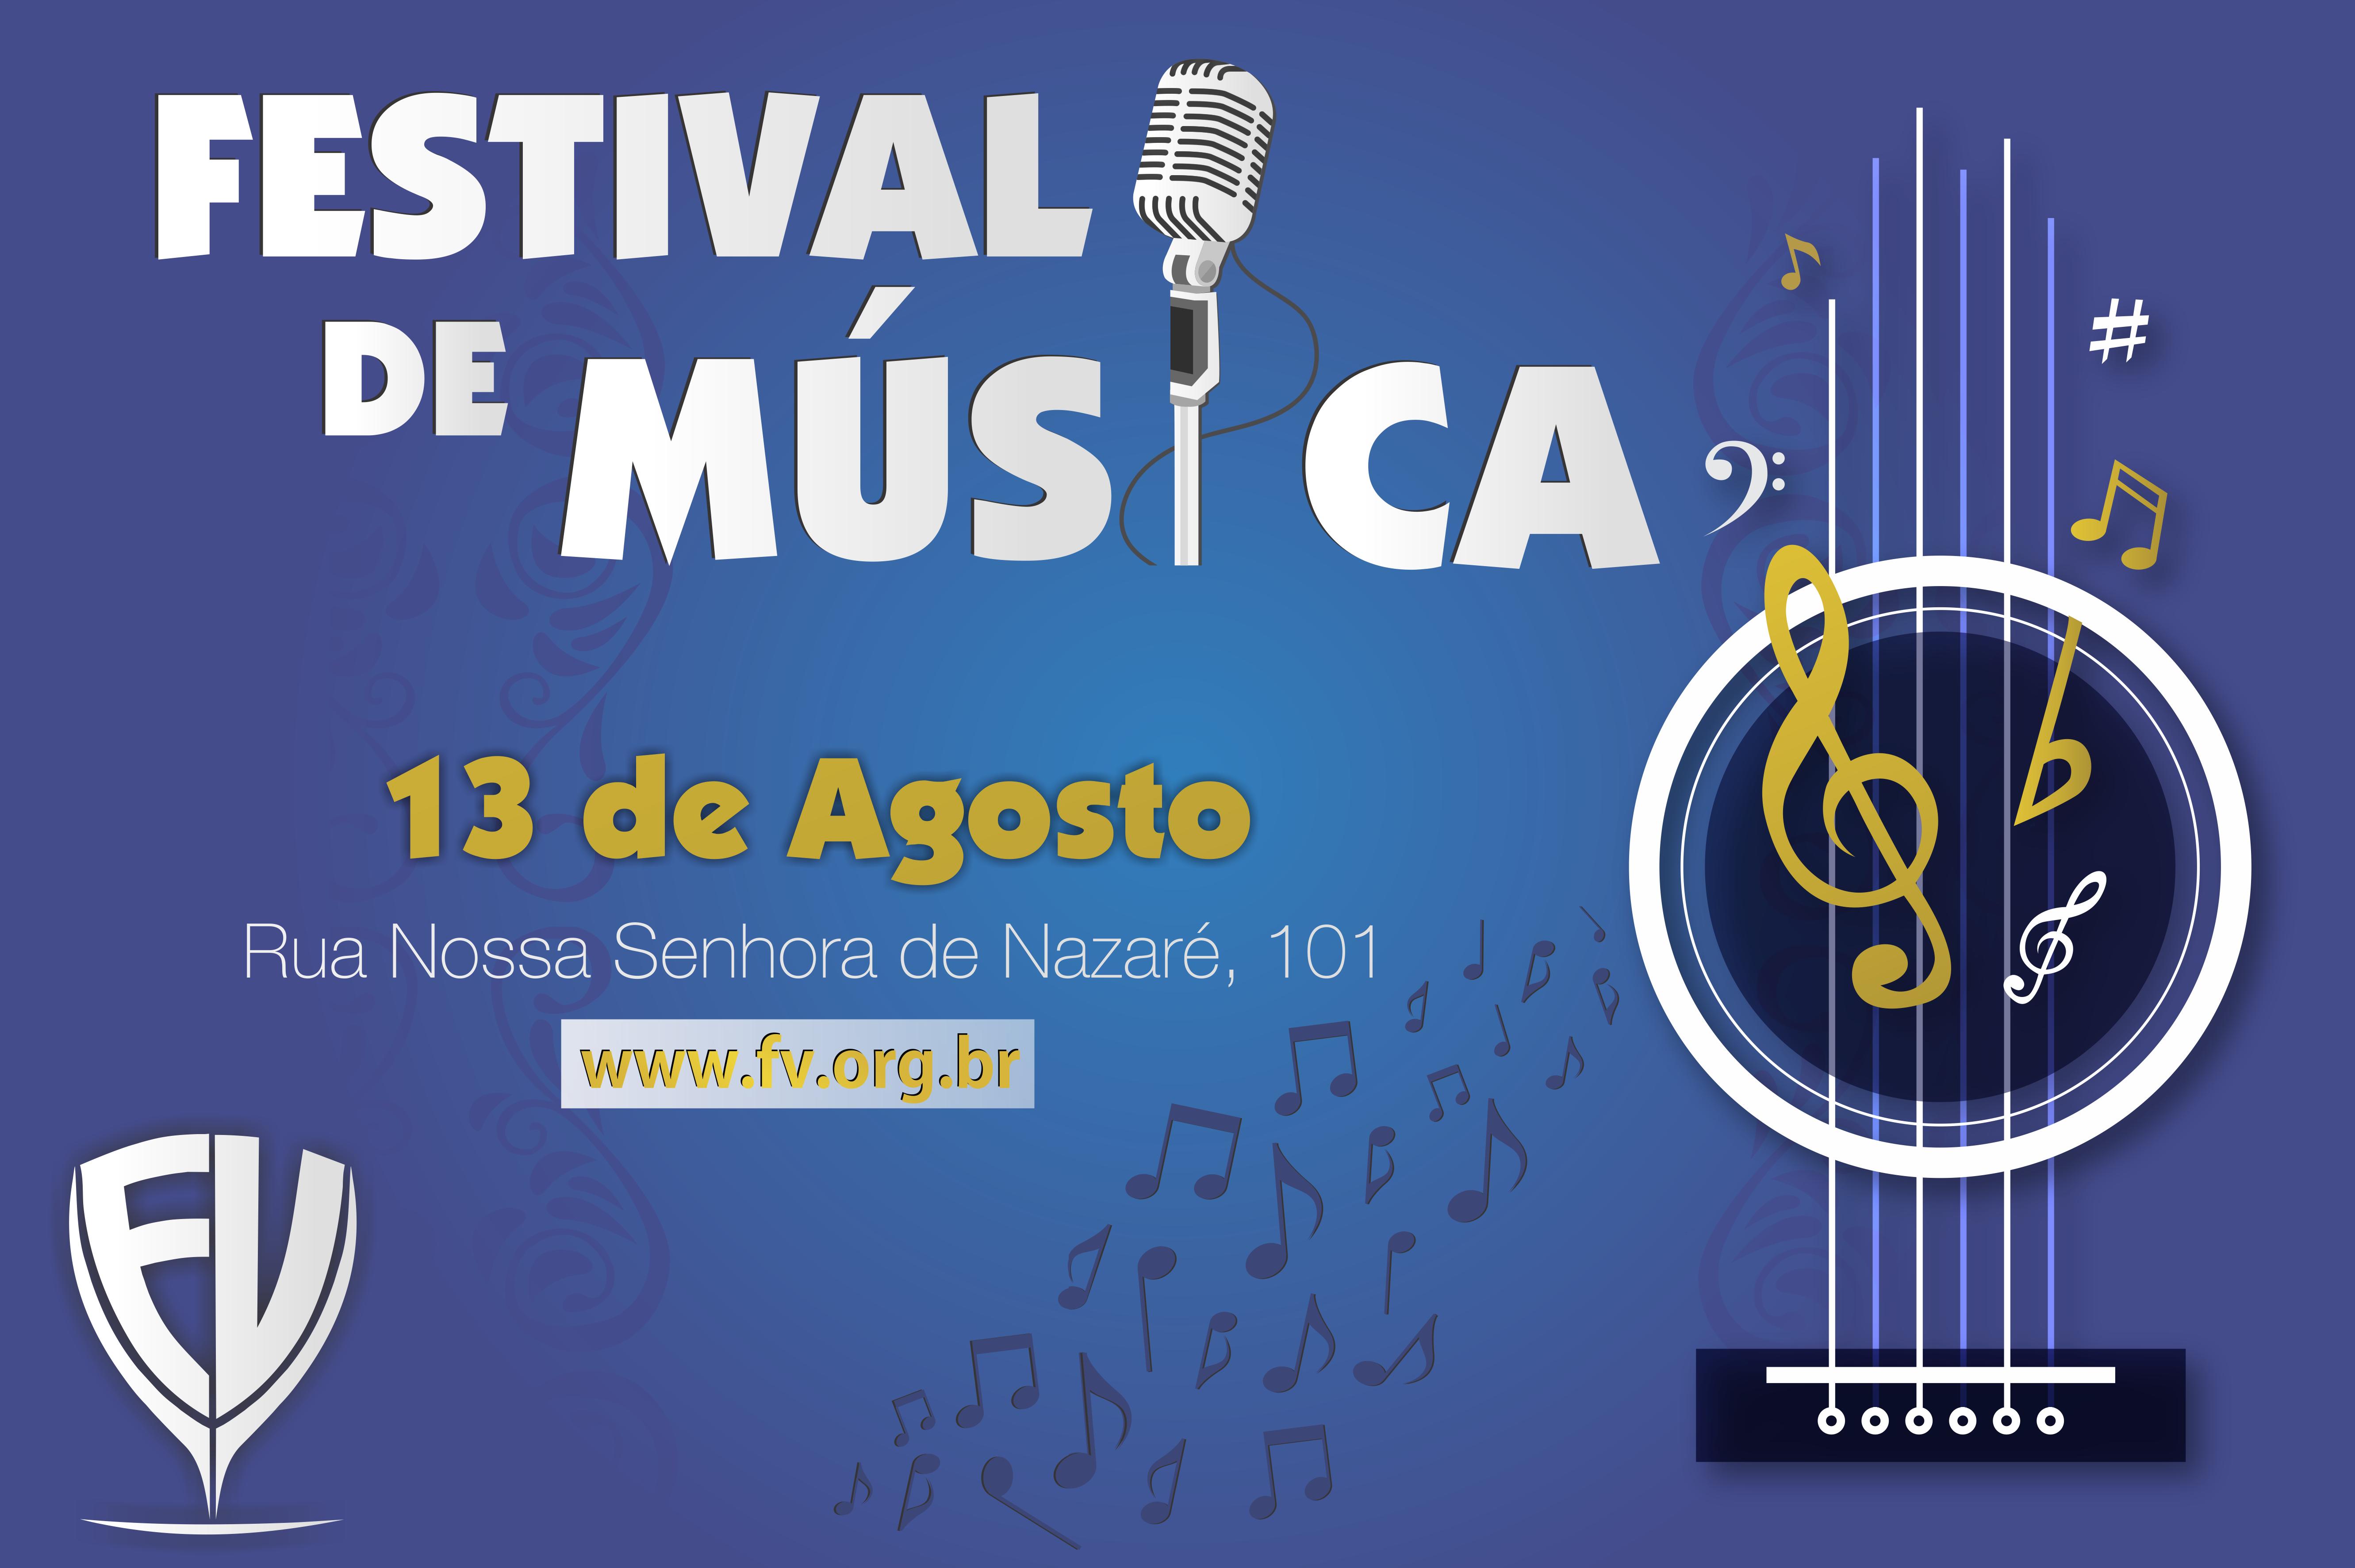 Festival de Musica - Imagem Destacada